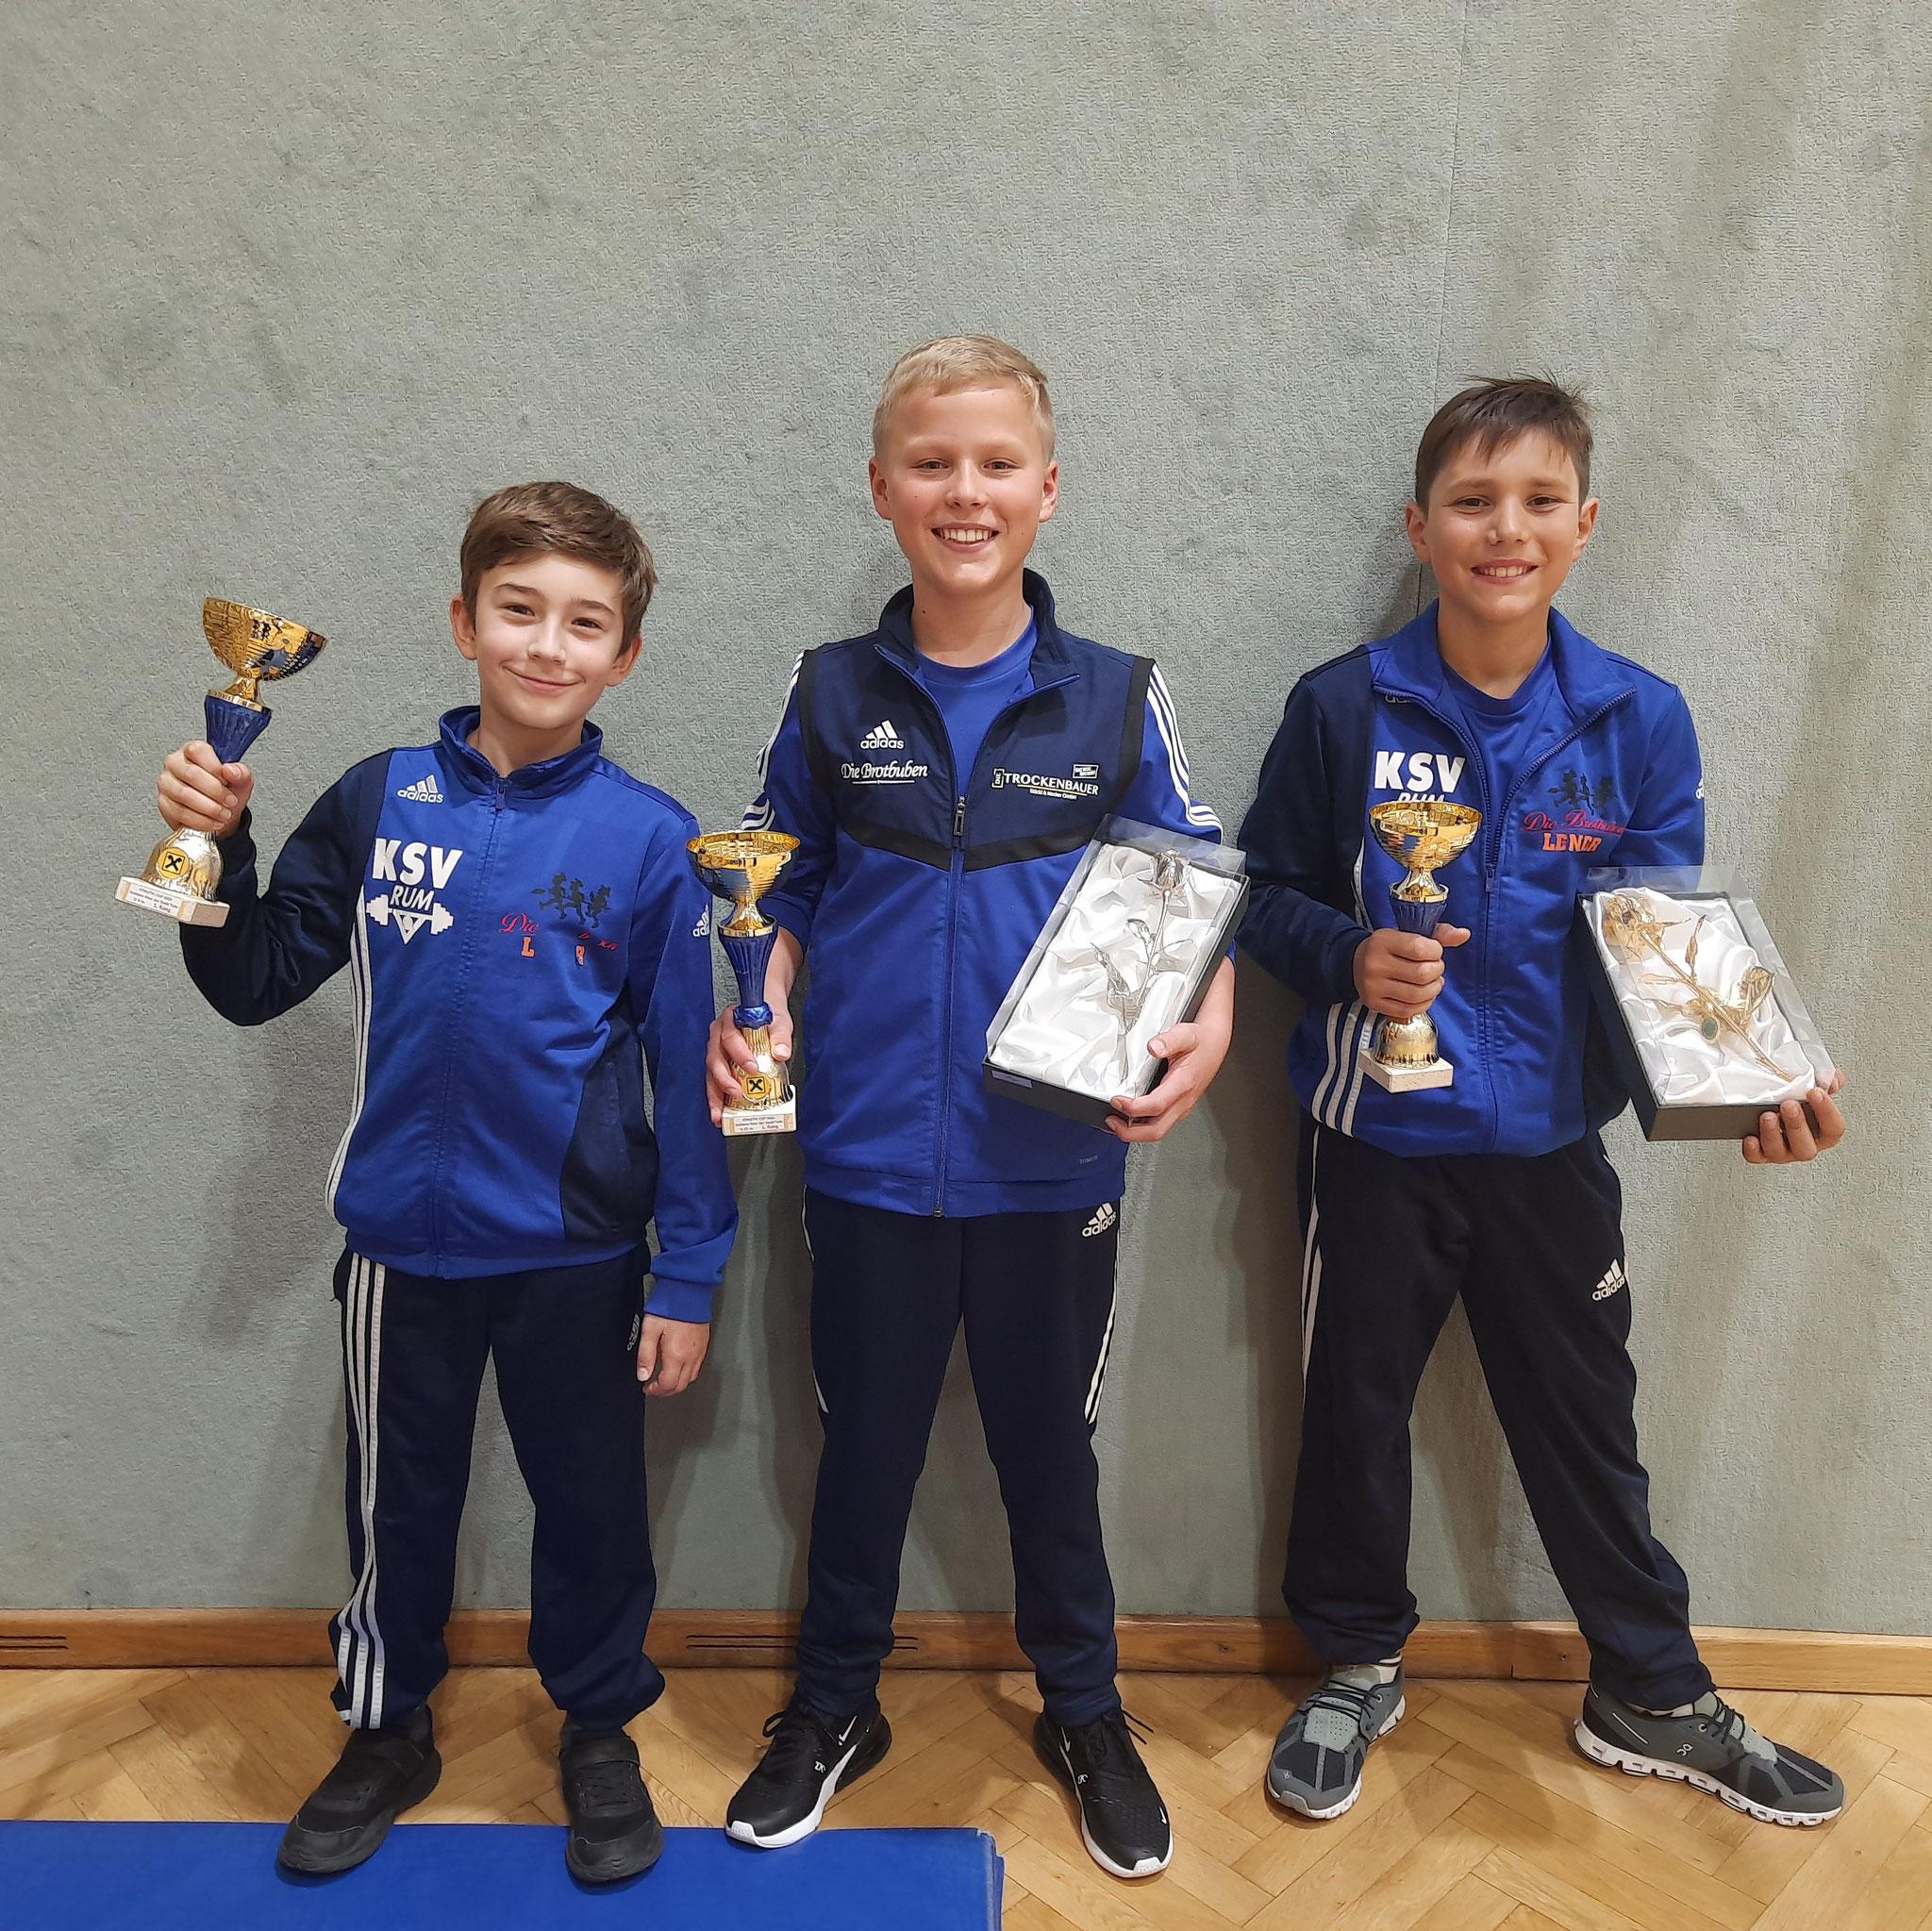 Unsere Youngsters gewinnen alle 3 Klassen und die Goldene und Silberne Rose beim Intern. Athletic-Cup Tulln